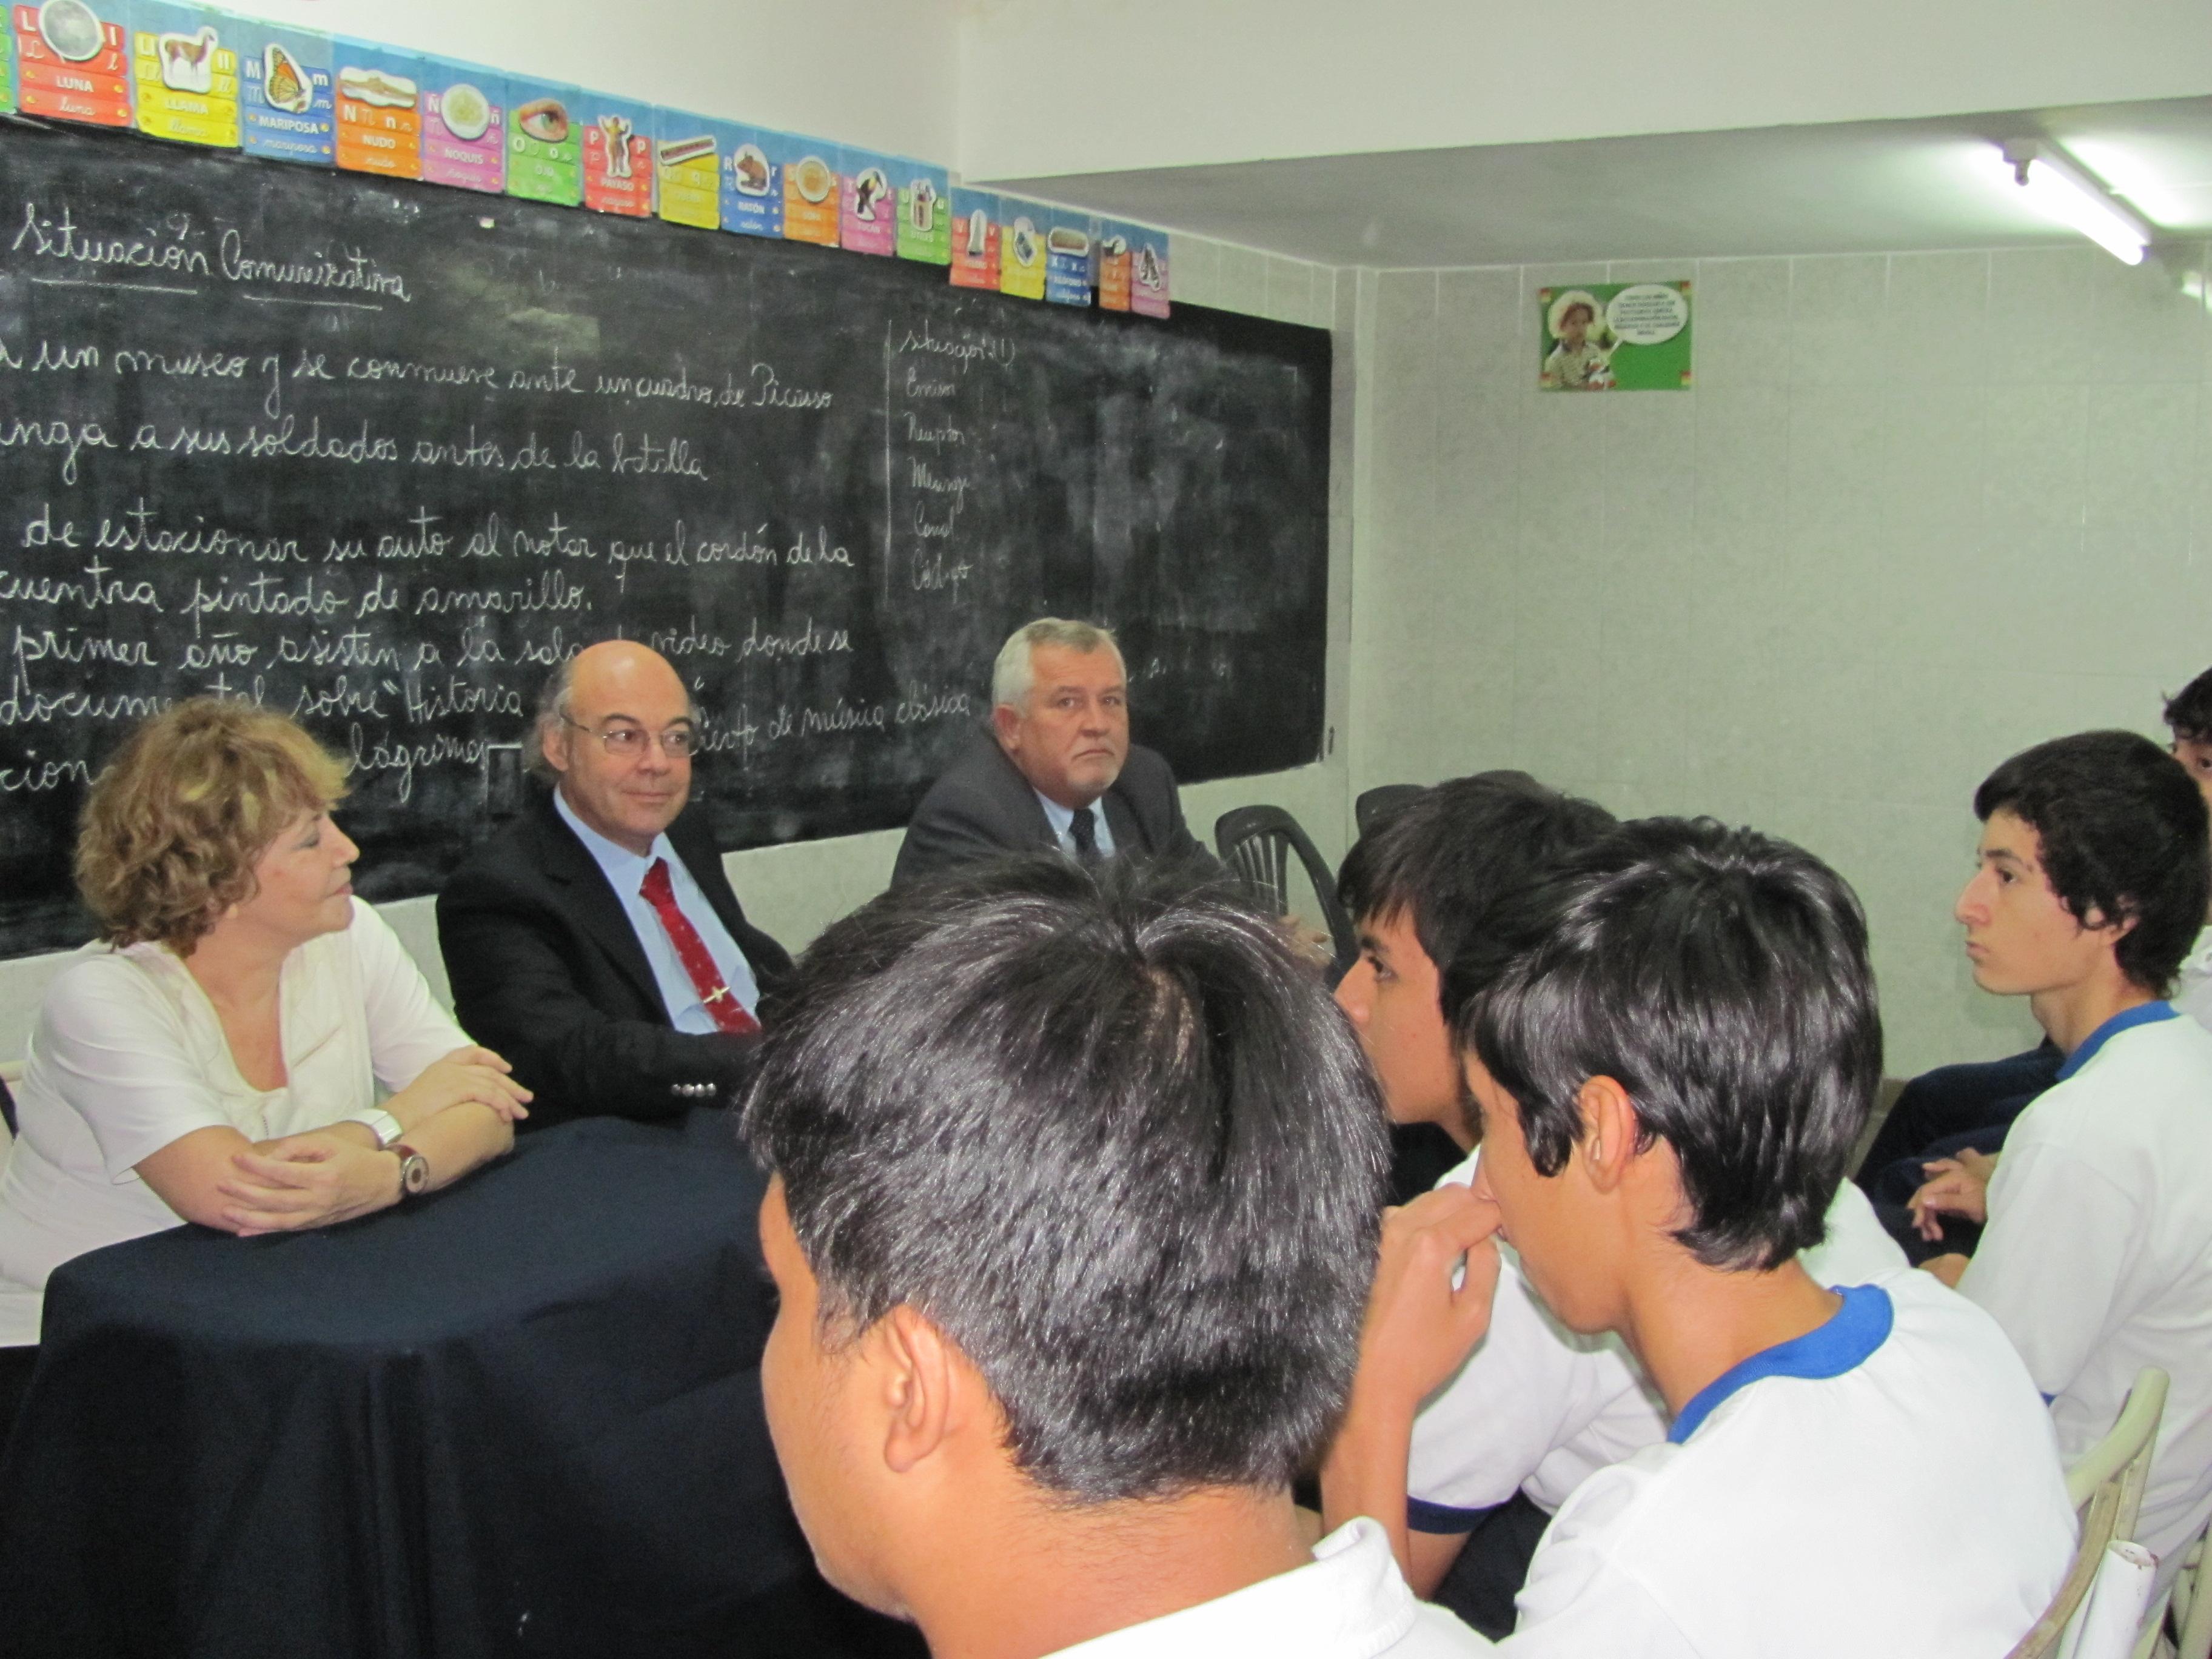 Album de Fotos: La Justicia sale a las Escuelas en Tartagal